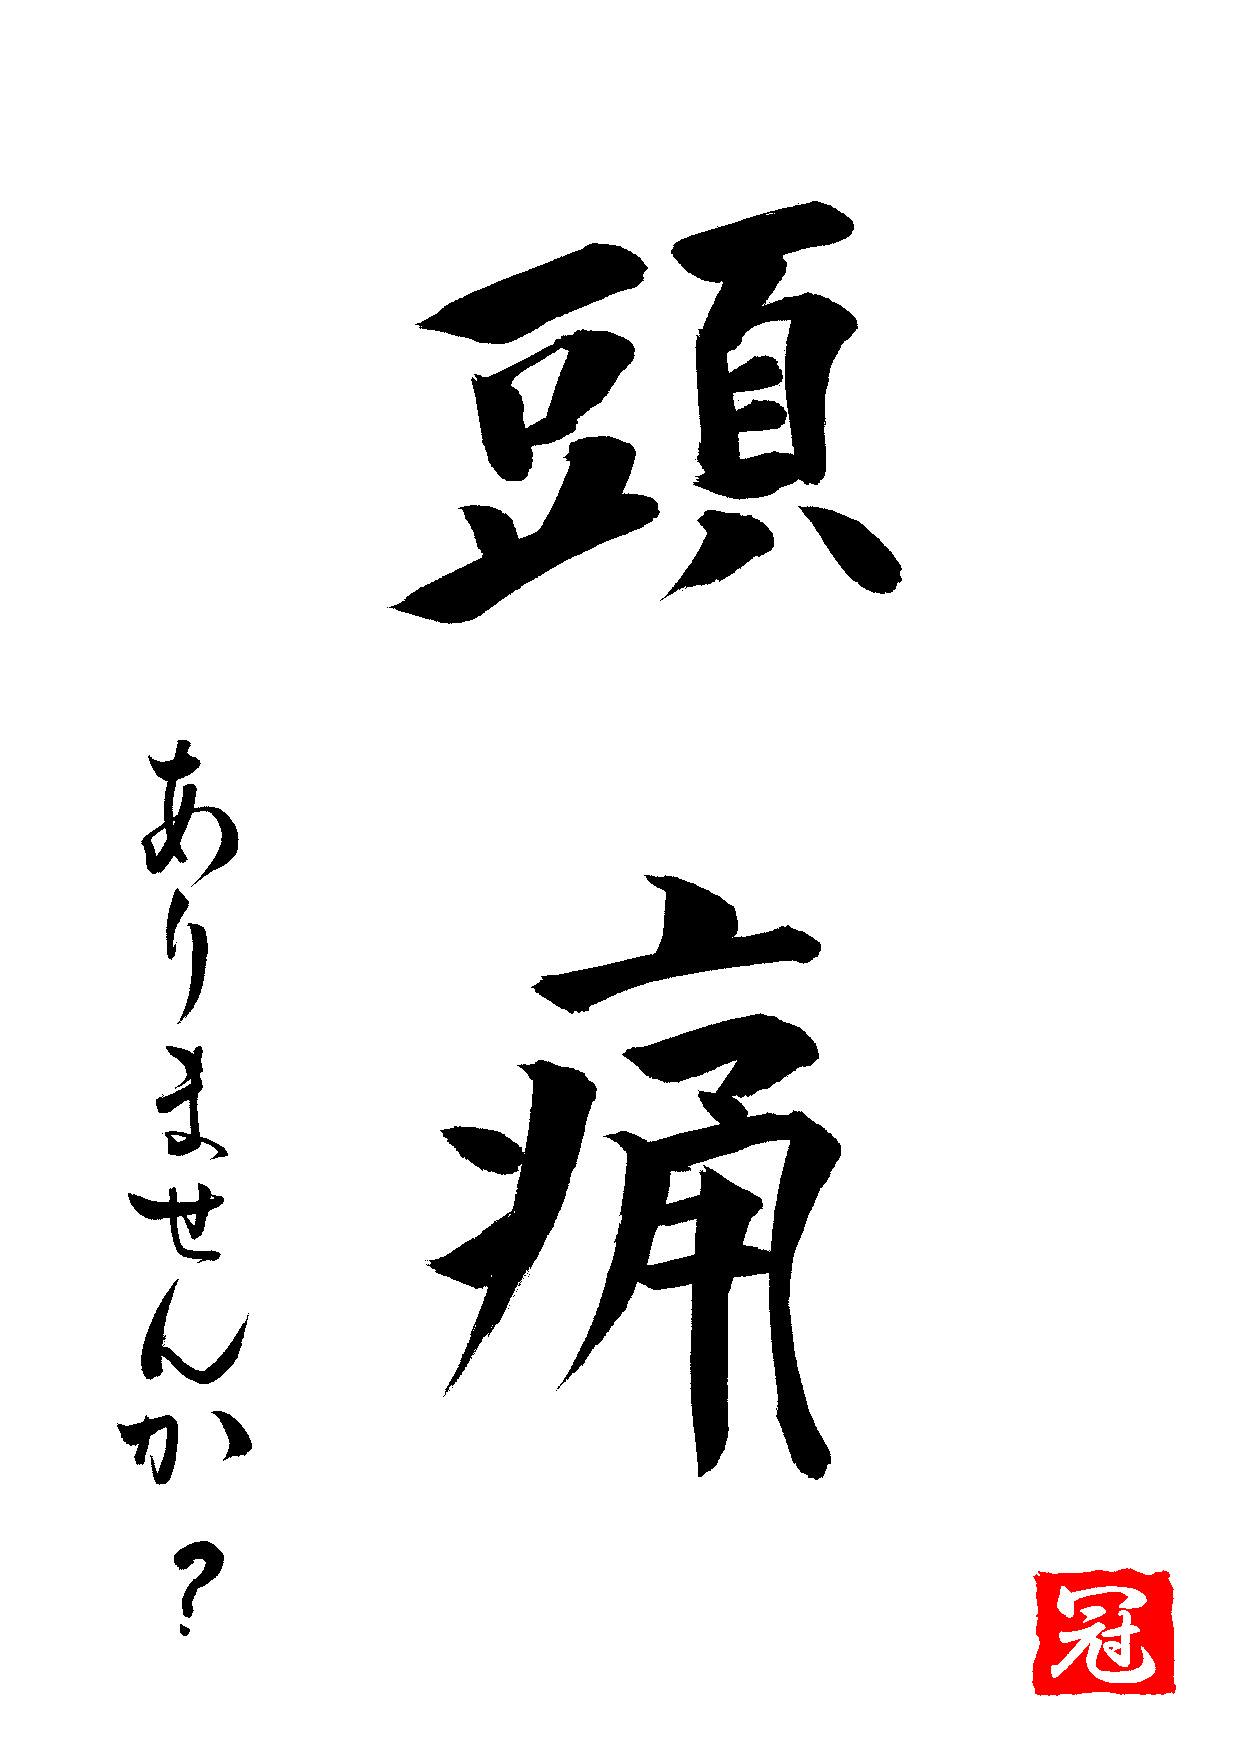 長城冠丹元顆粒頭痛ポスターA4.jpg